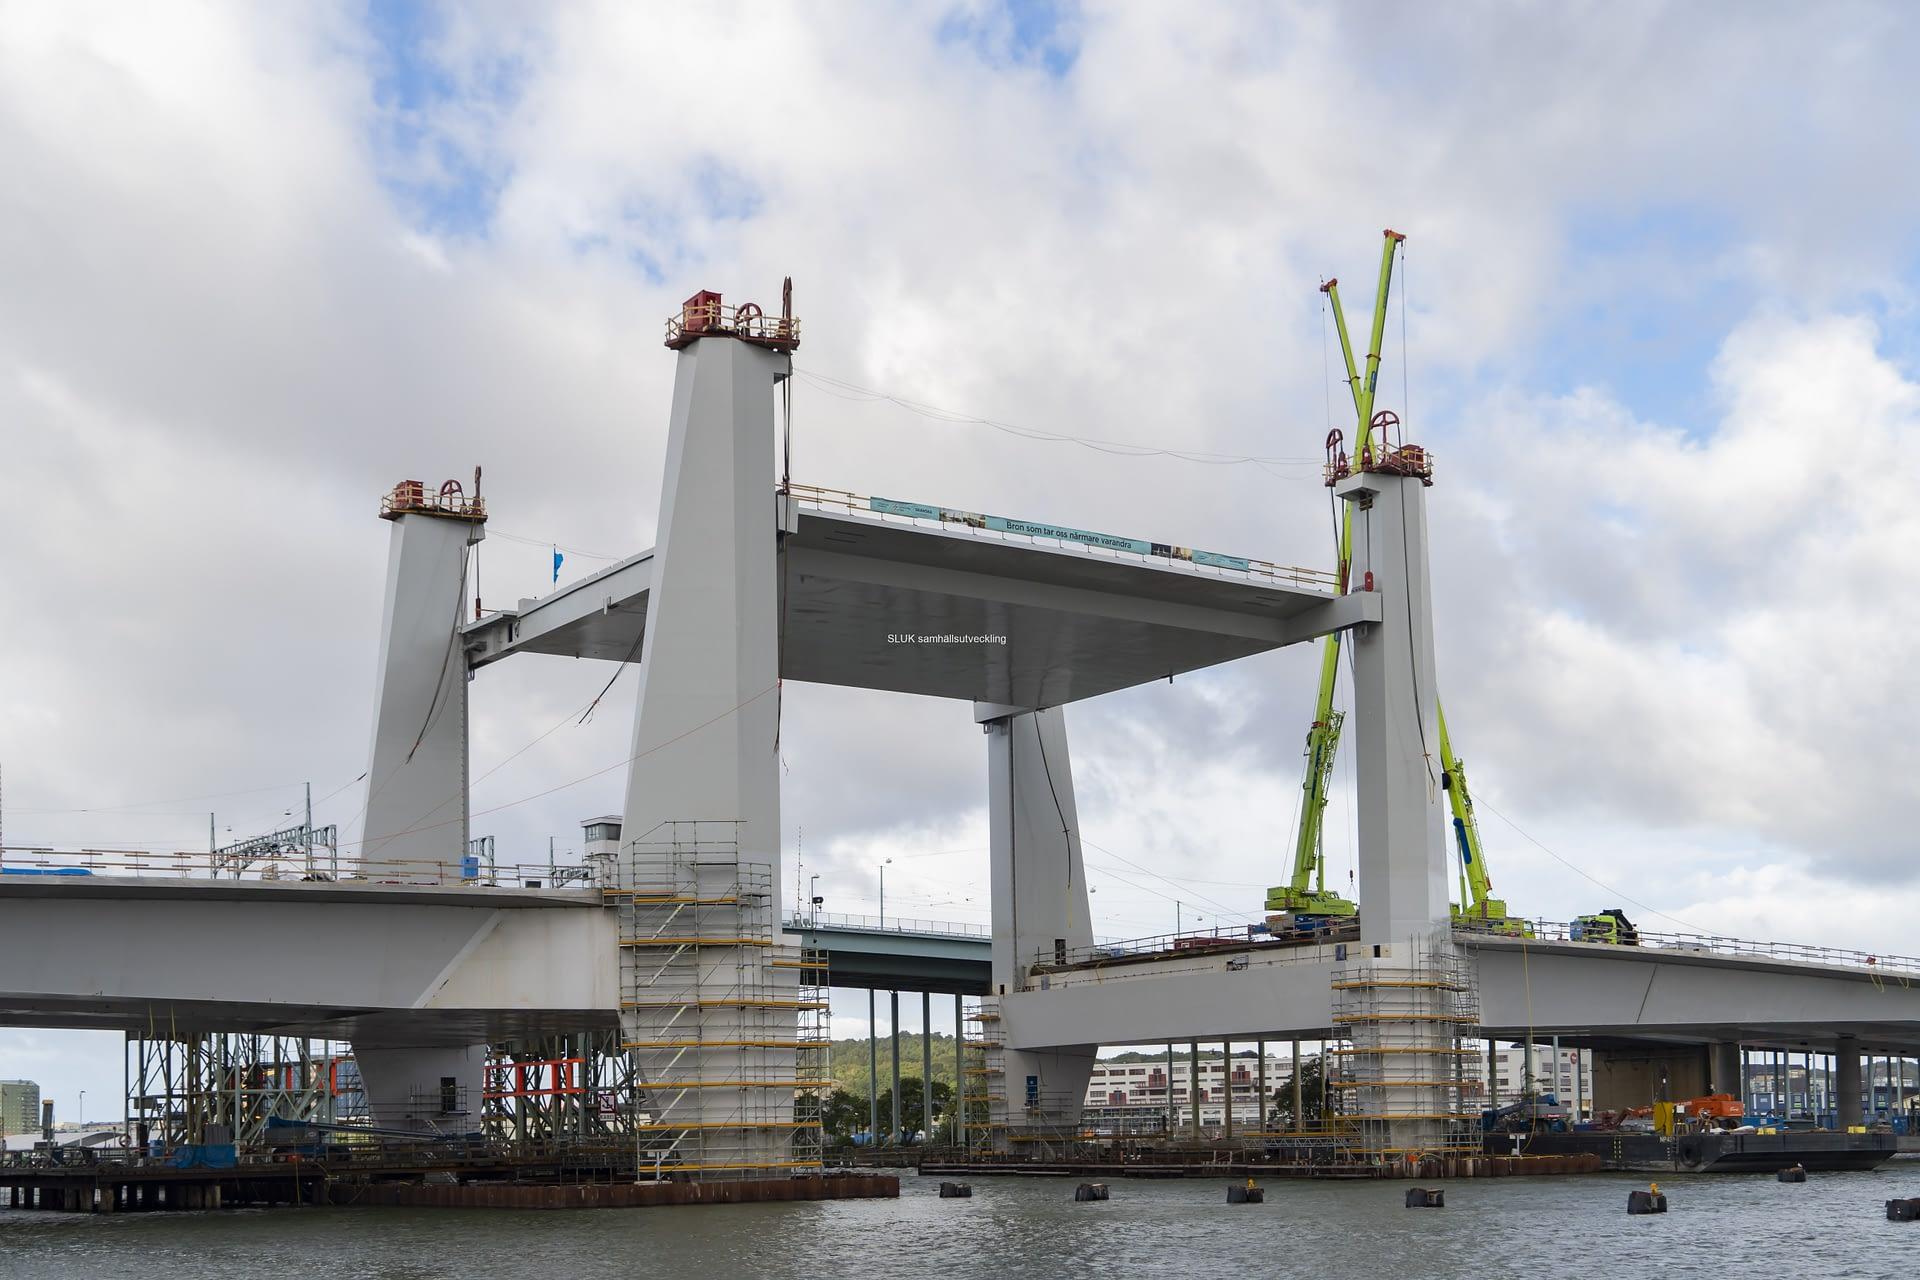 Från Gullbergskajen ser man det nya landmärket, Hisingsbron med upphöjt lyftspann. Strax efter kl.9 hade man vischan upp lyftspannet på öppningshöjden 28 meter. Lyftspannet kommer er nu stå i öppet läge under några veckor.